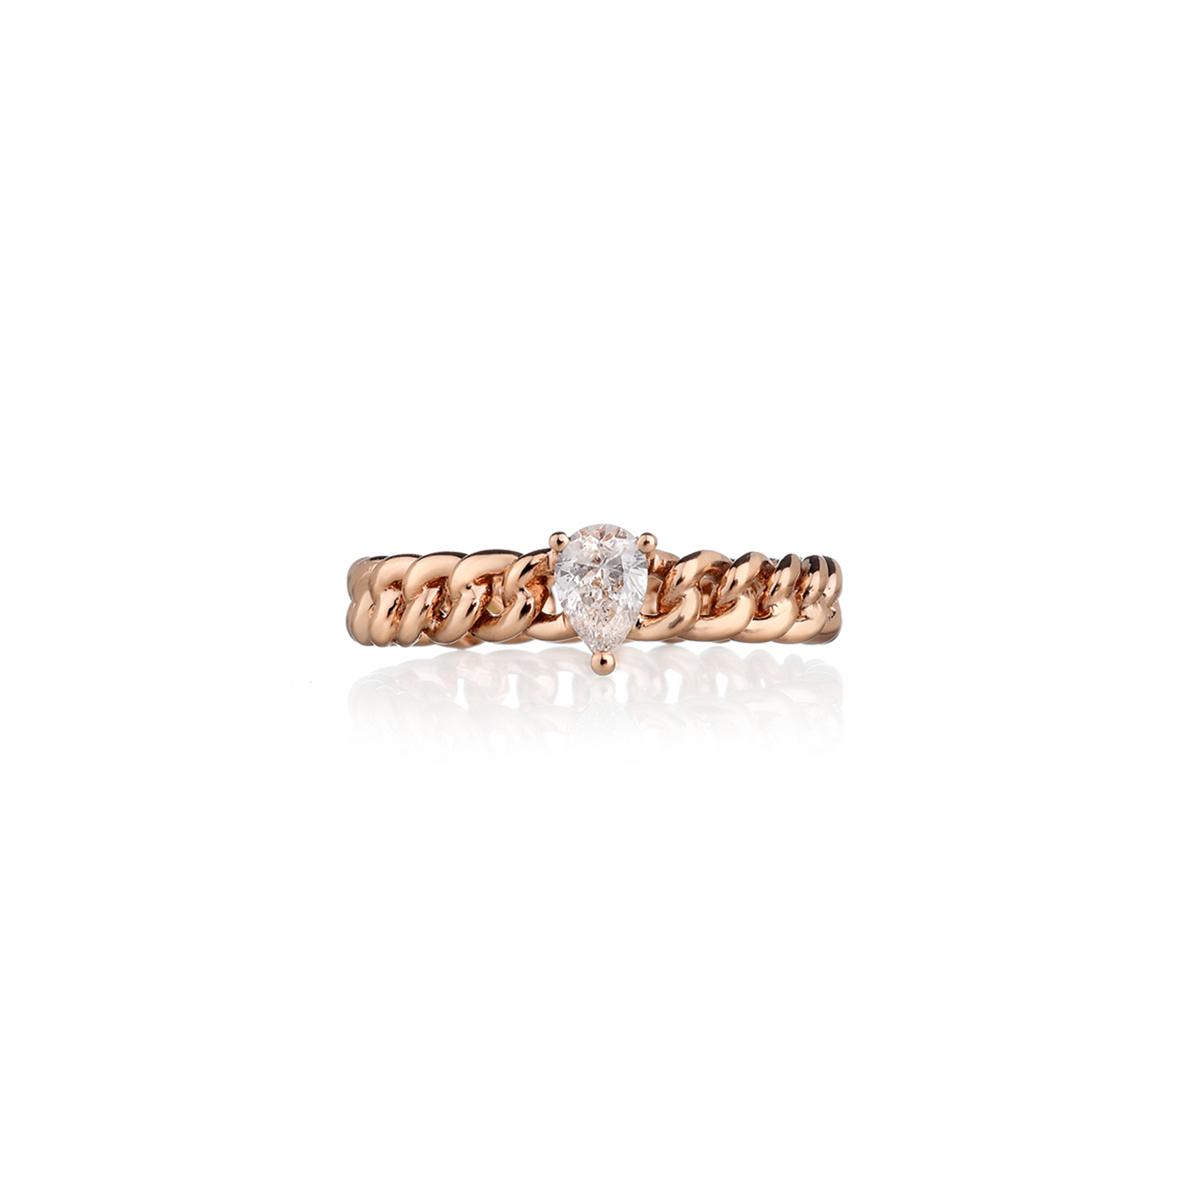 Curb Chain Ring with Pear-Cut Diamond